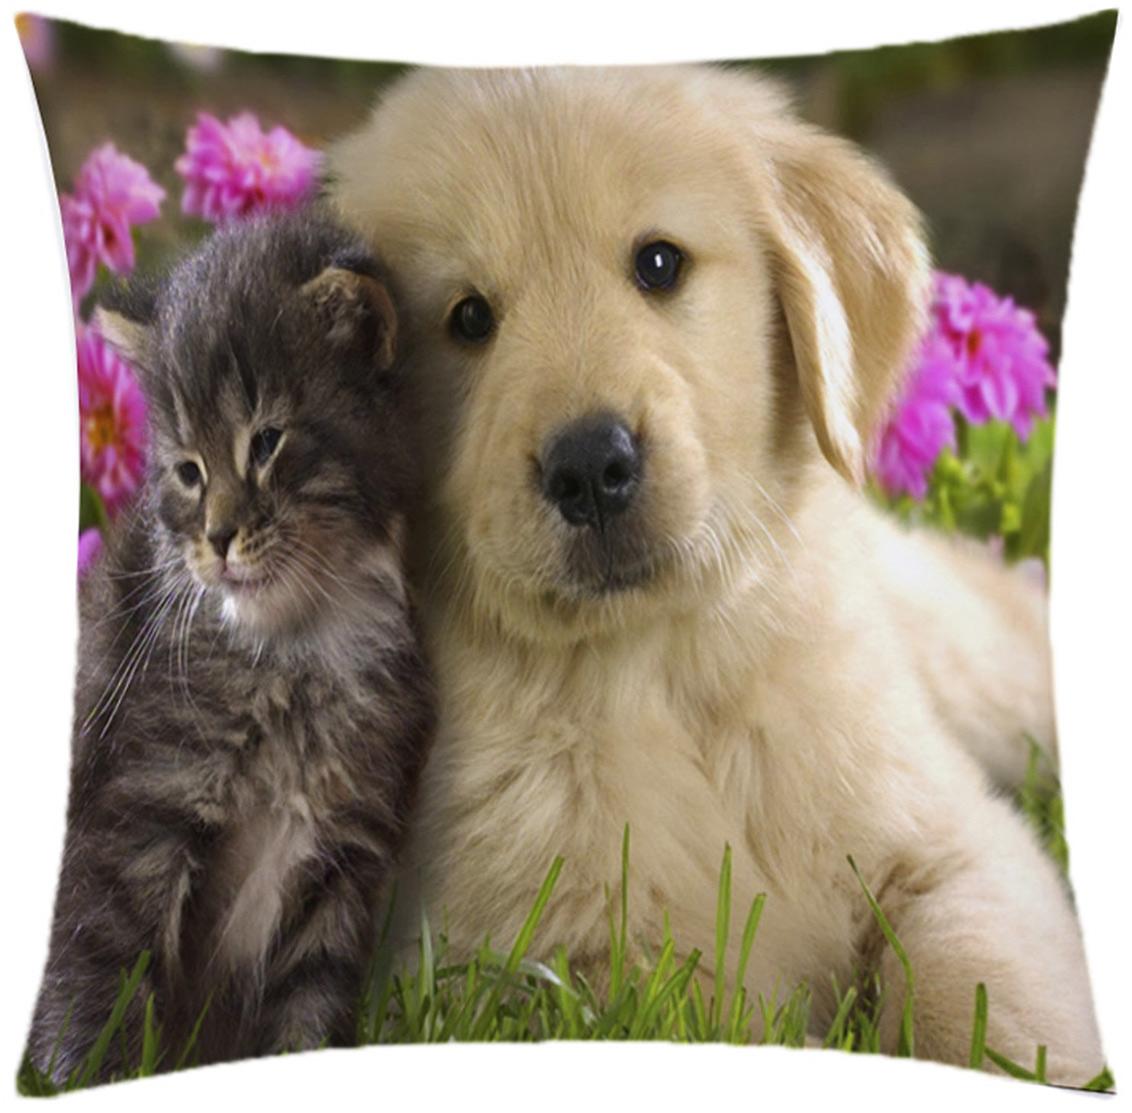 Almofada Desenhada Decoração Gatinho e Cachorrinho Juntos com 2 peças tecido Microfibra - Almofada Digital